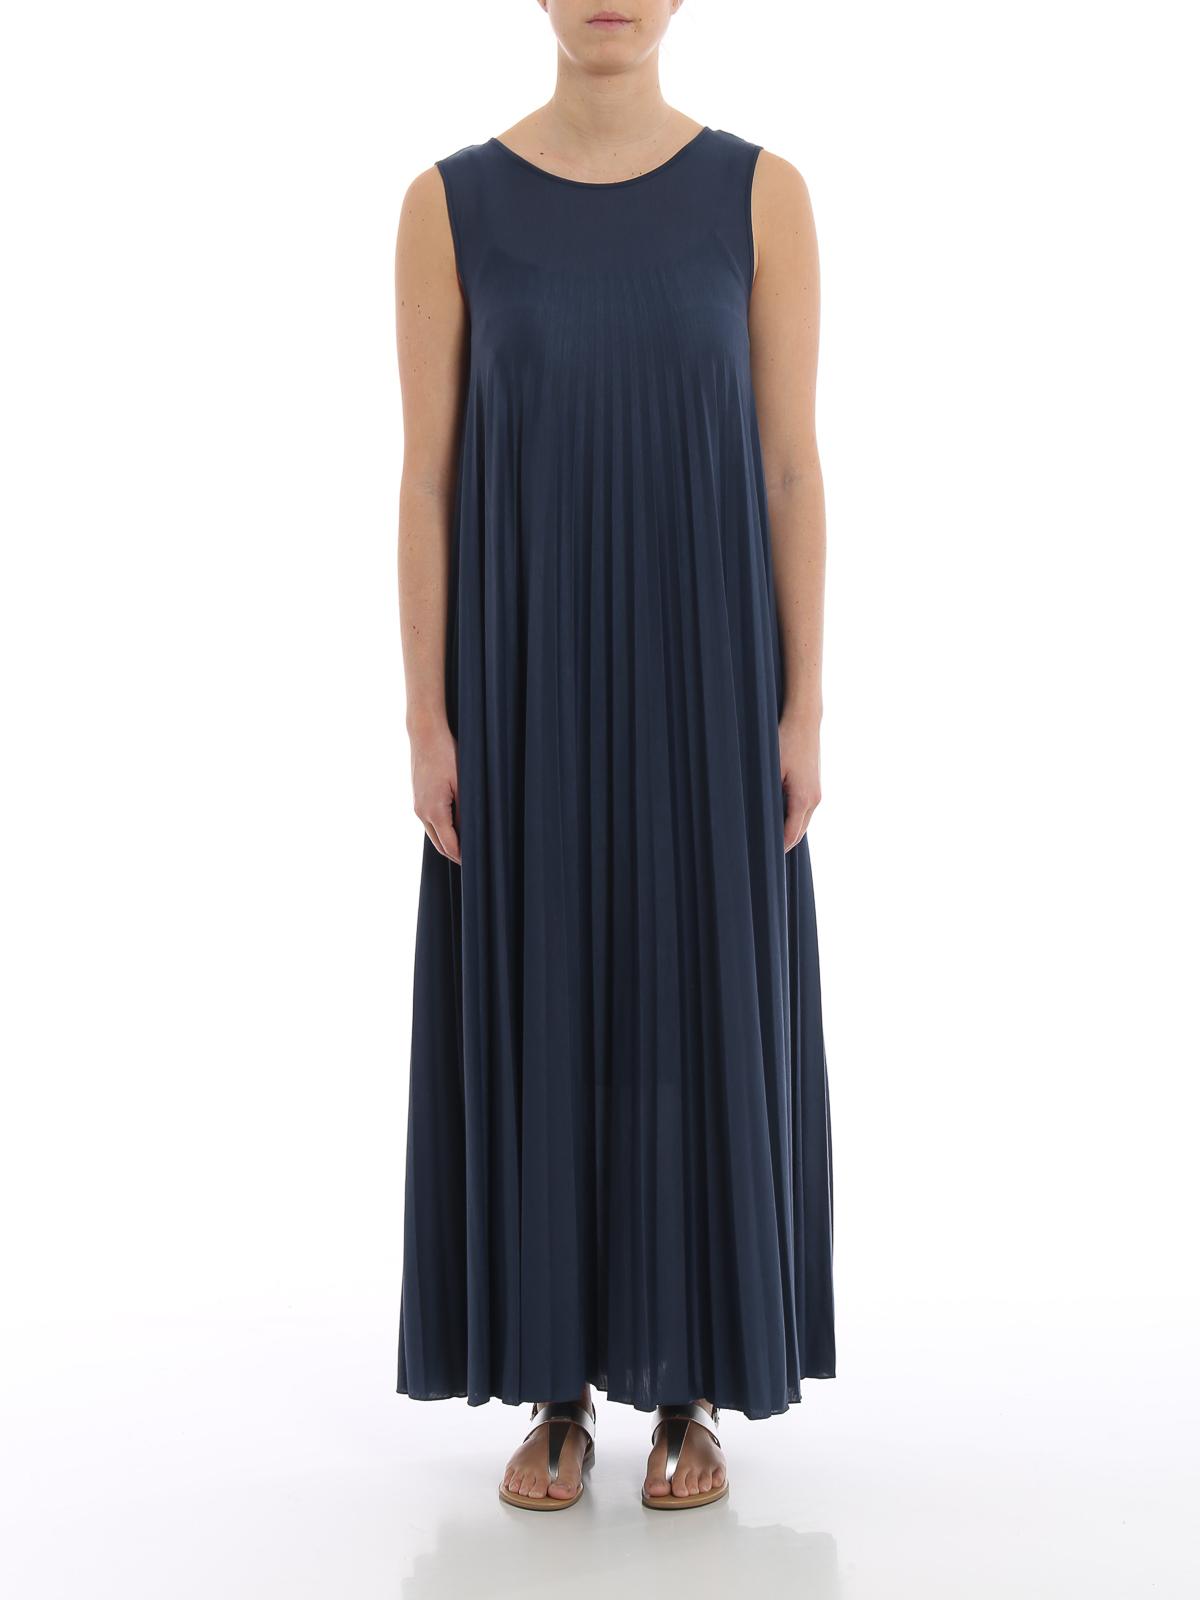 3ed6d1d702abf7 iKRIX WEEKEND MAX MARA  maxi dresses - Oggetti blue jersey maxi dress